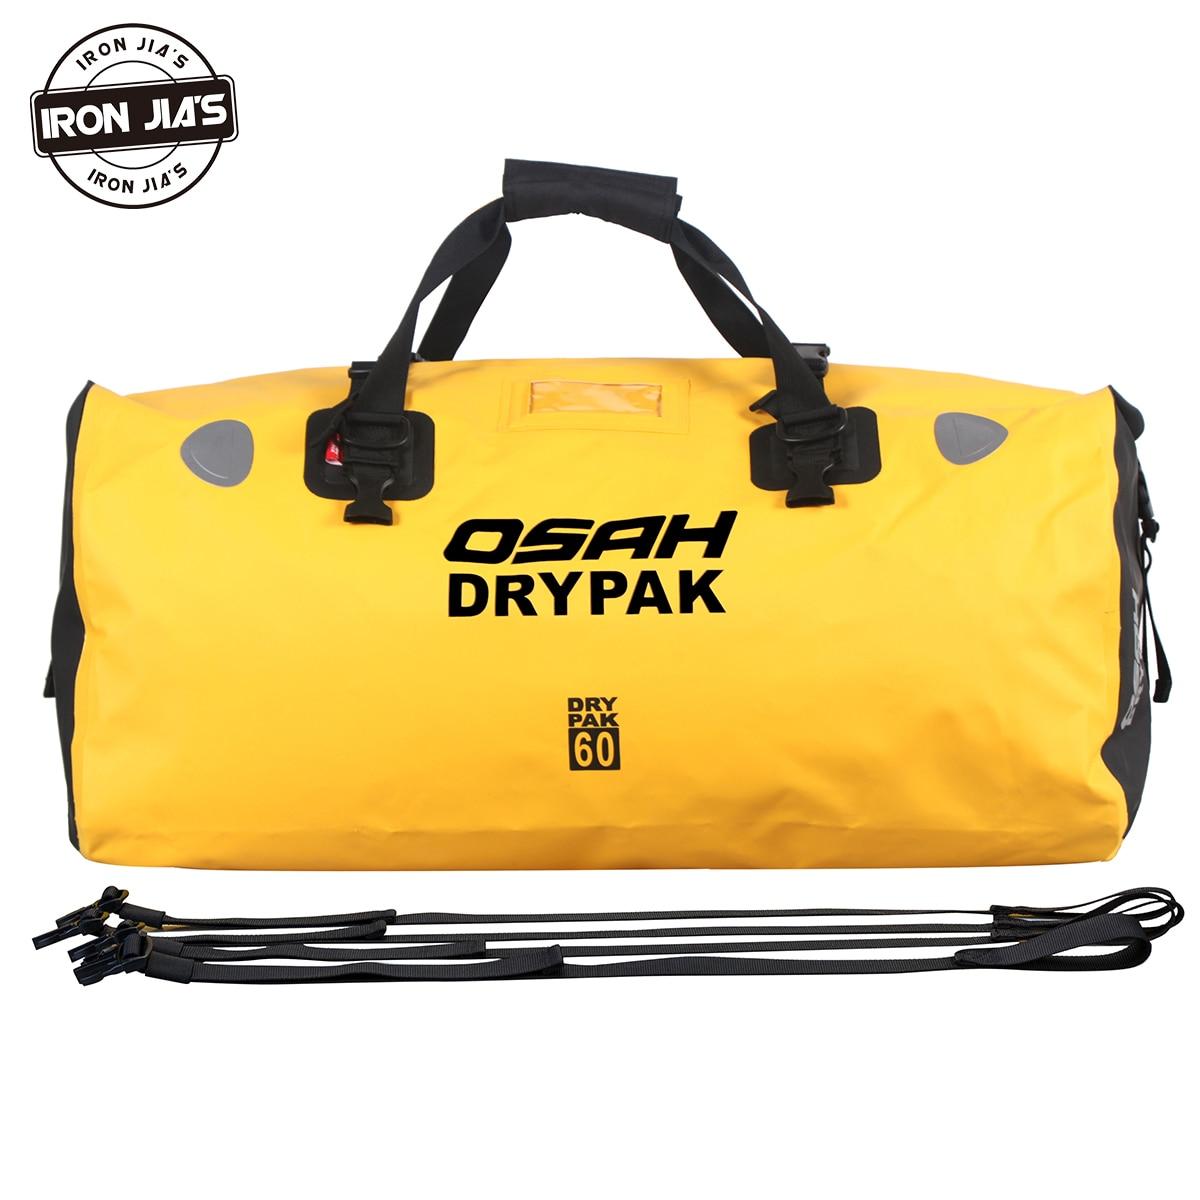 OSAH DRYPAK Motorcycle Waterproof Tail Bags Multi-functional Durable Rear Motorcycle Seat Bag High Capacity Waterproof PVC Bag